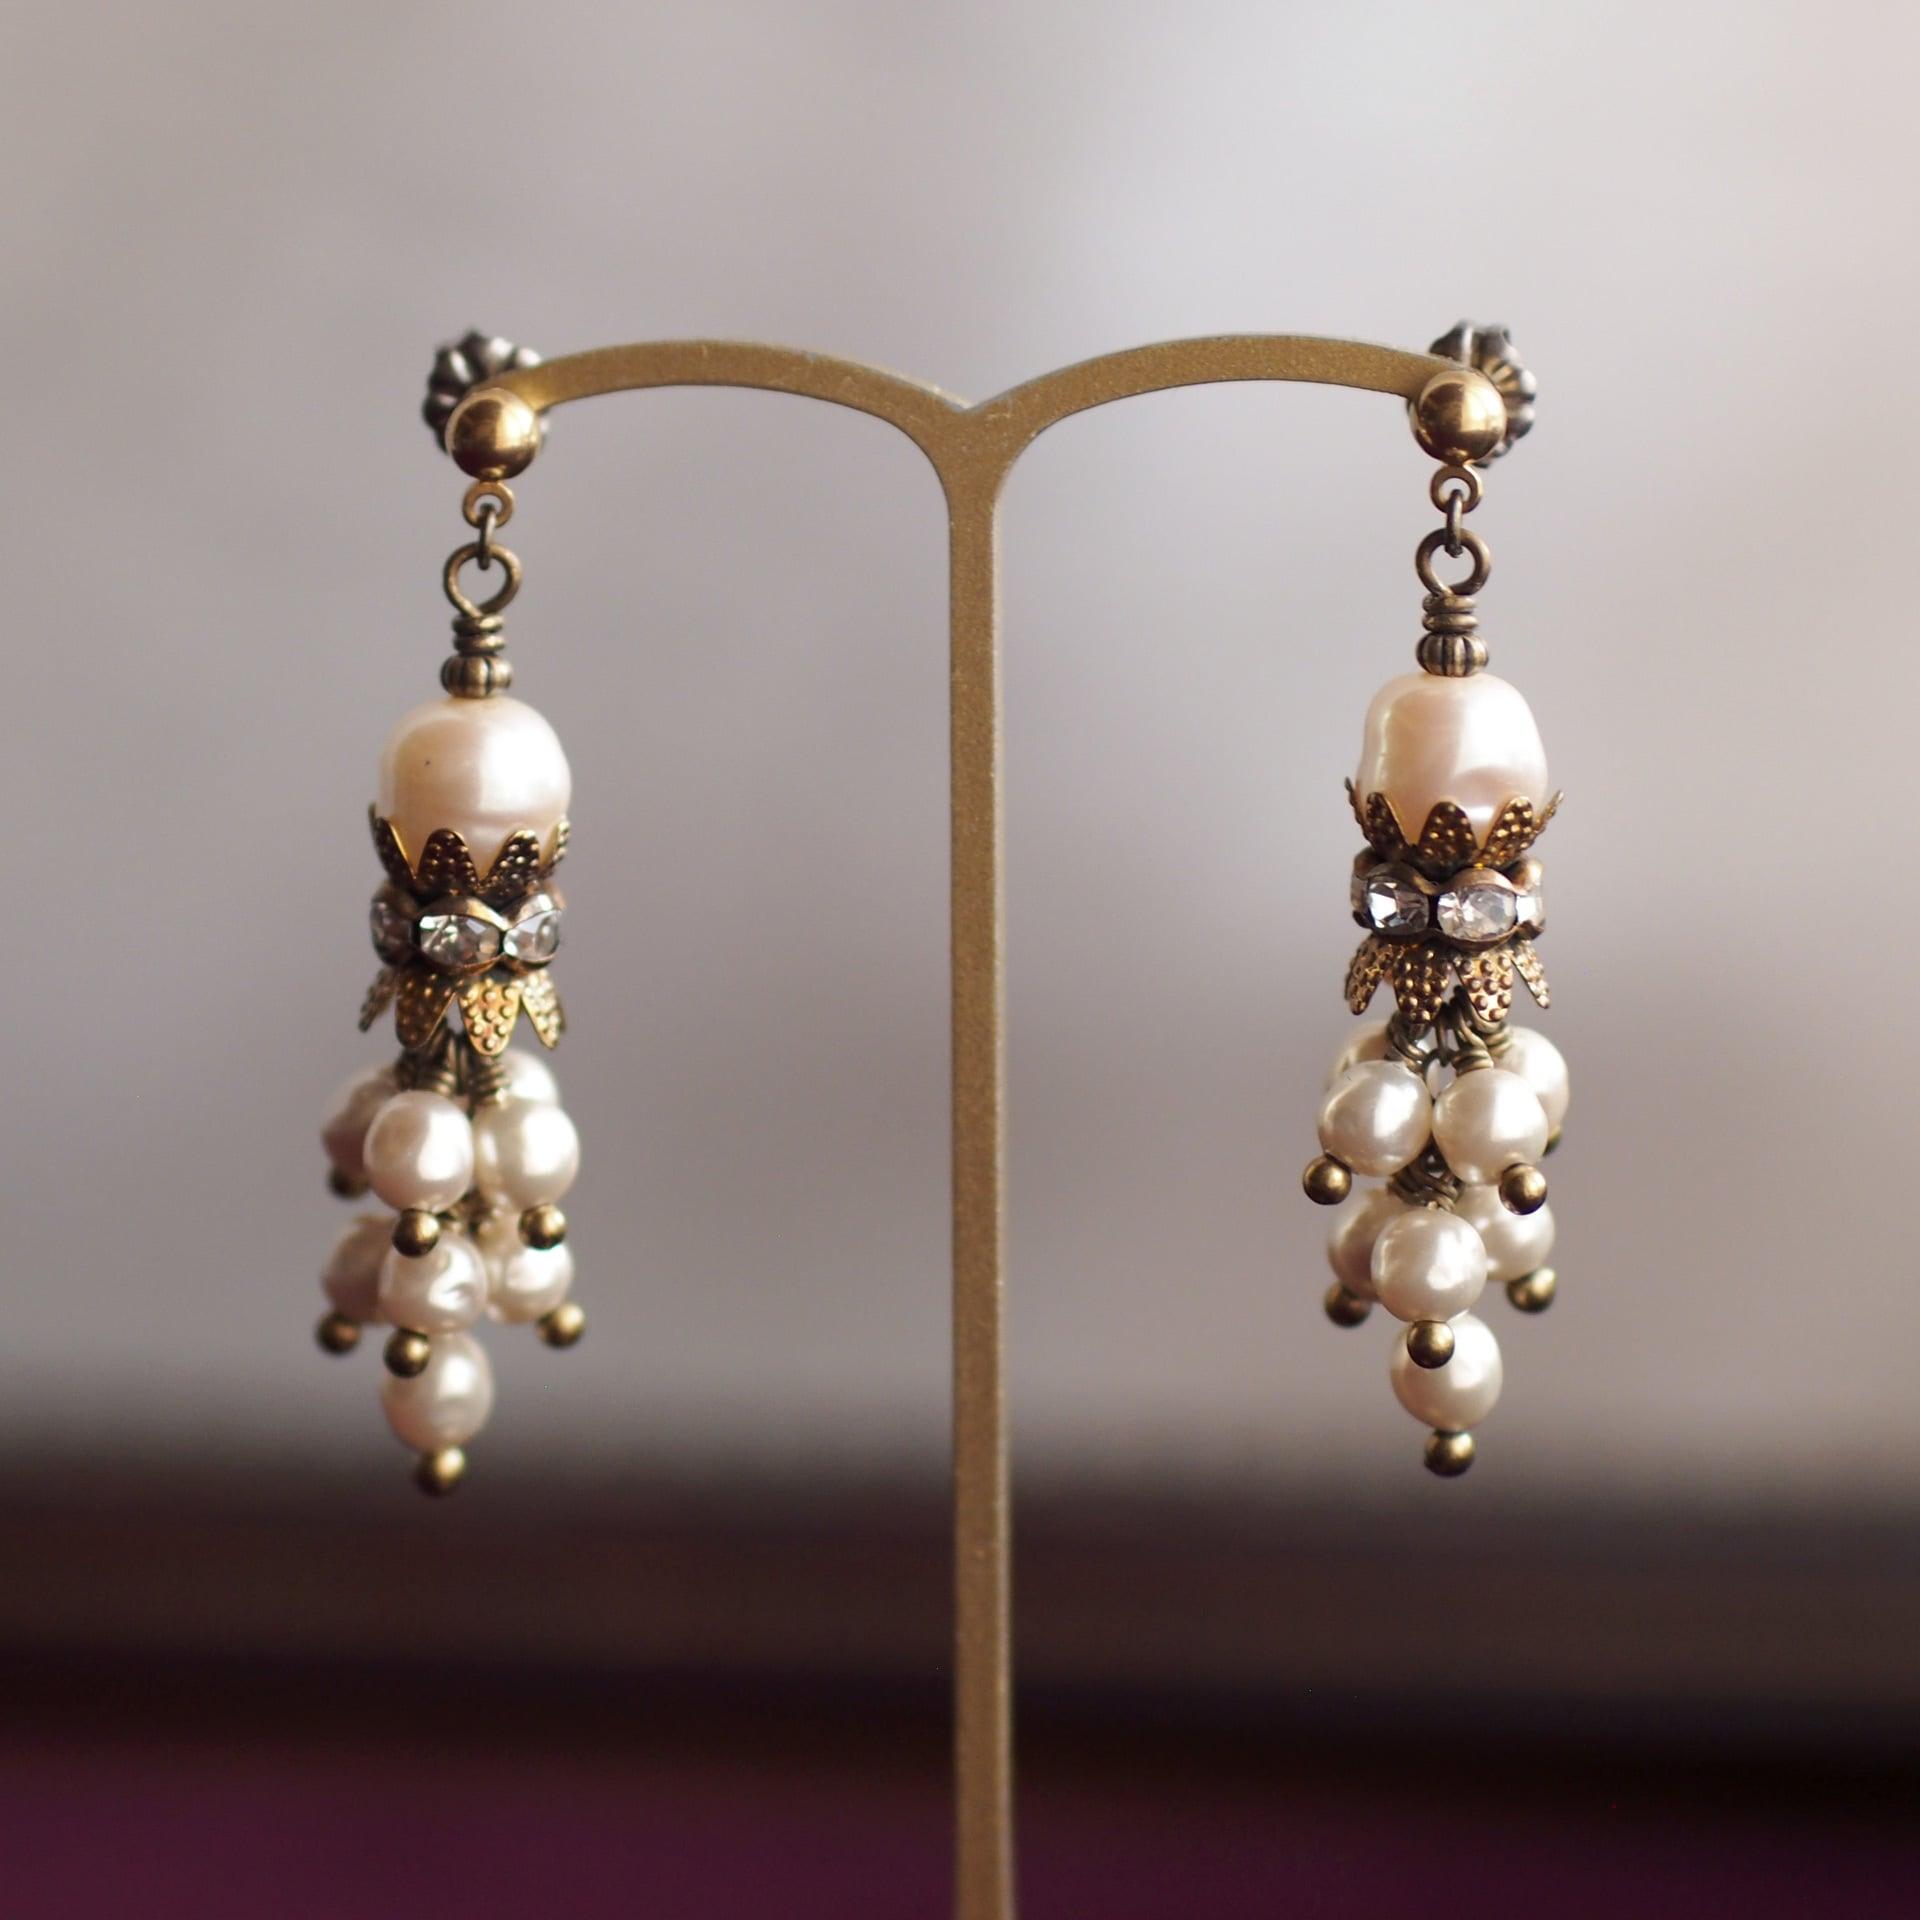 カーテンコール / 耳飾り(GlassPearl 王冠房)